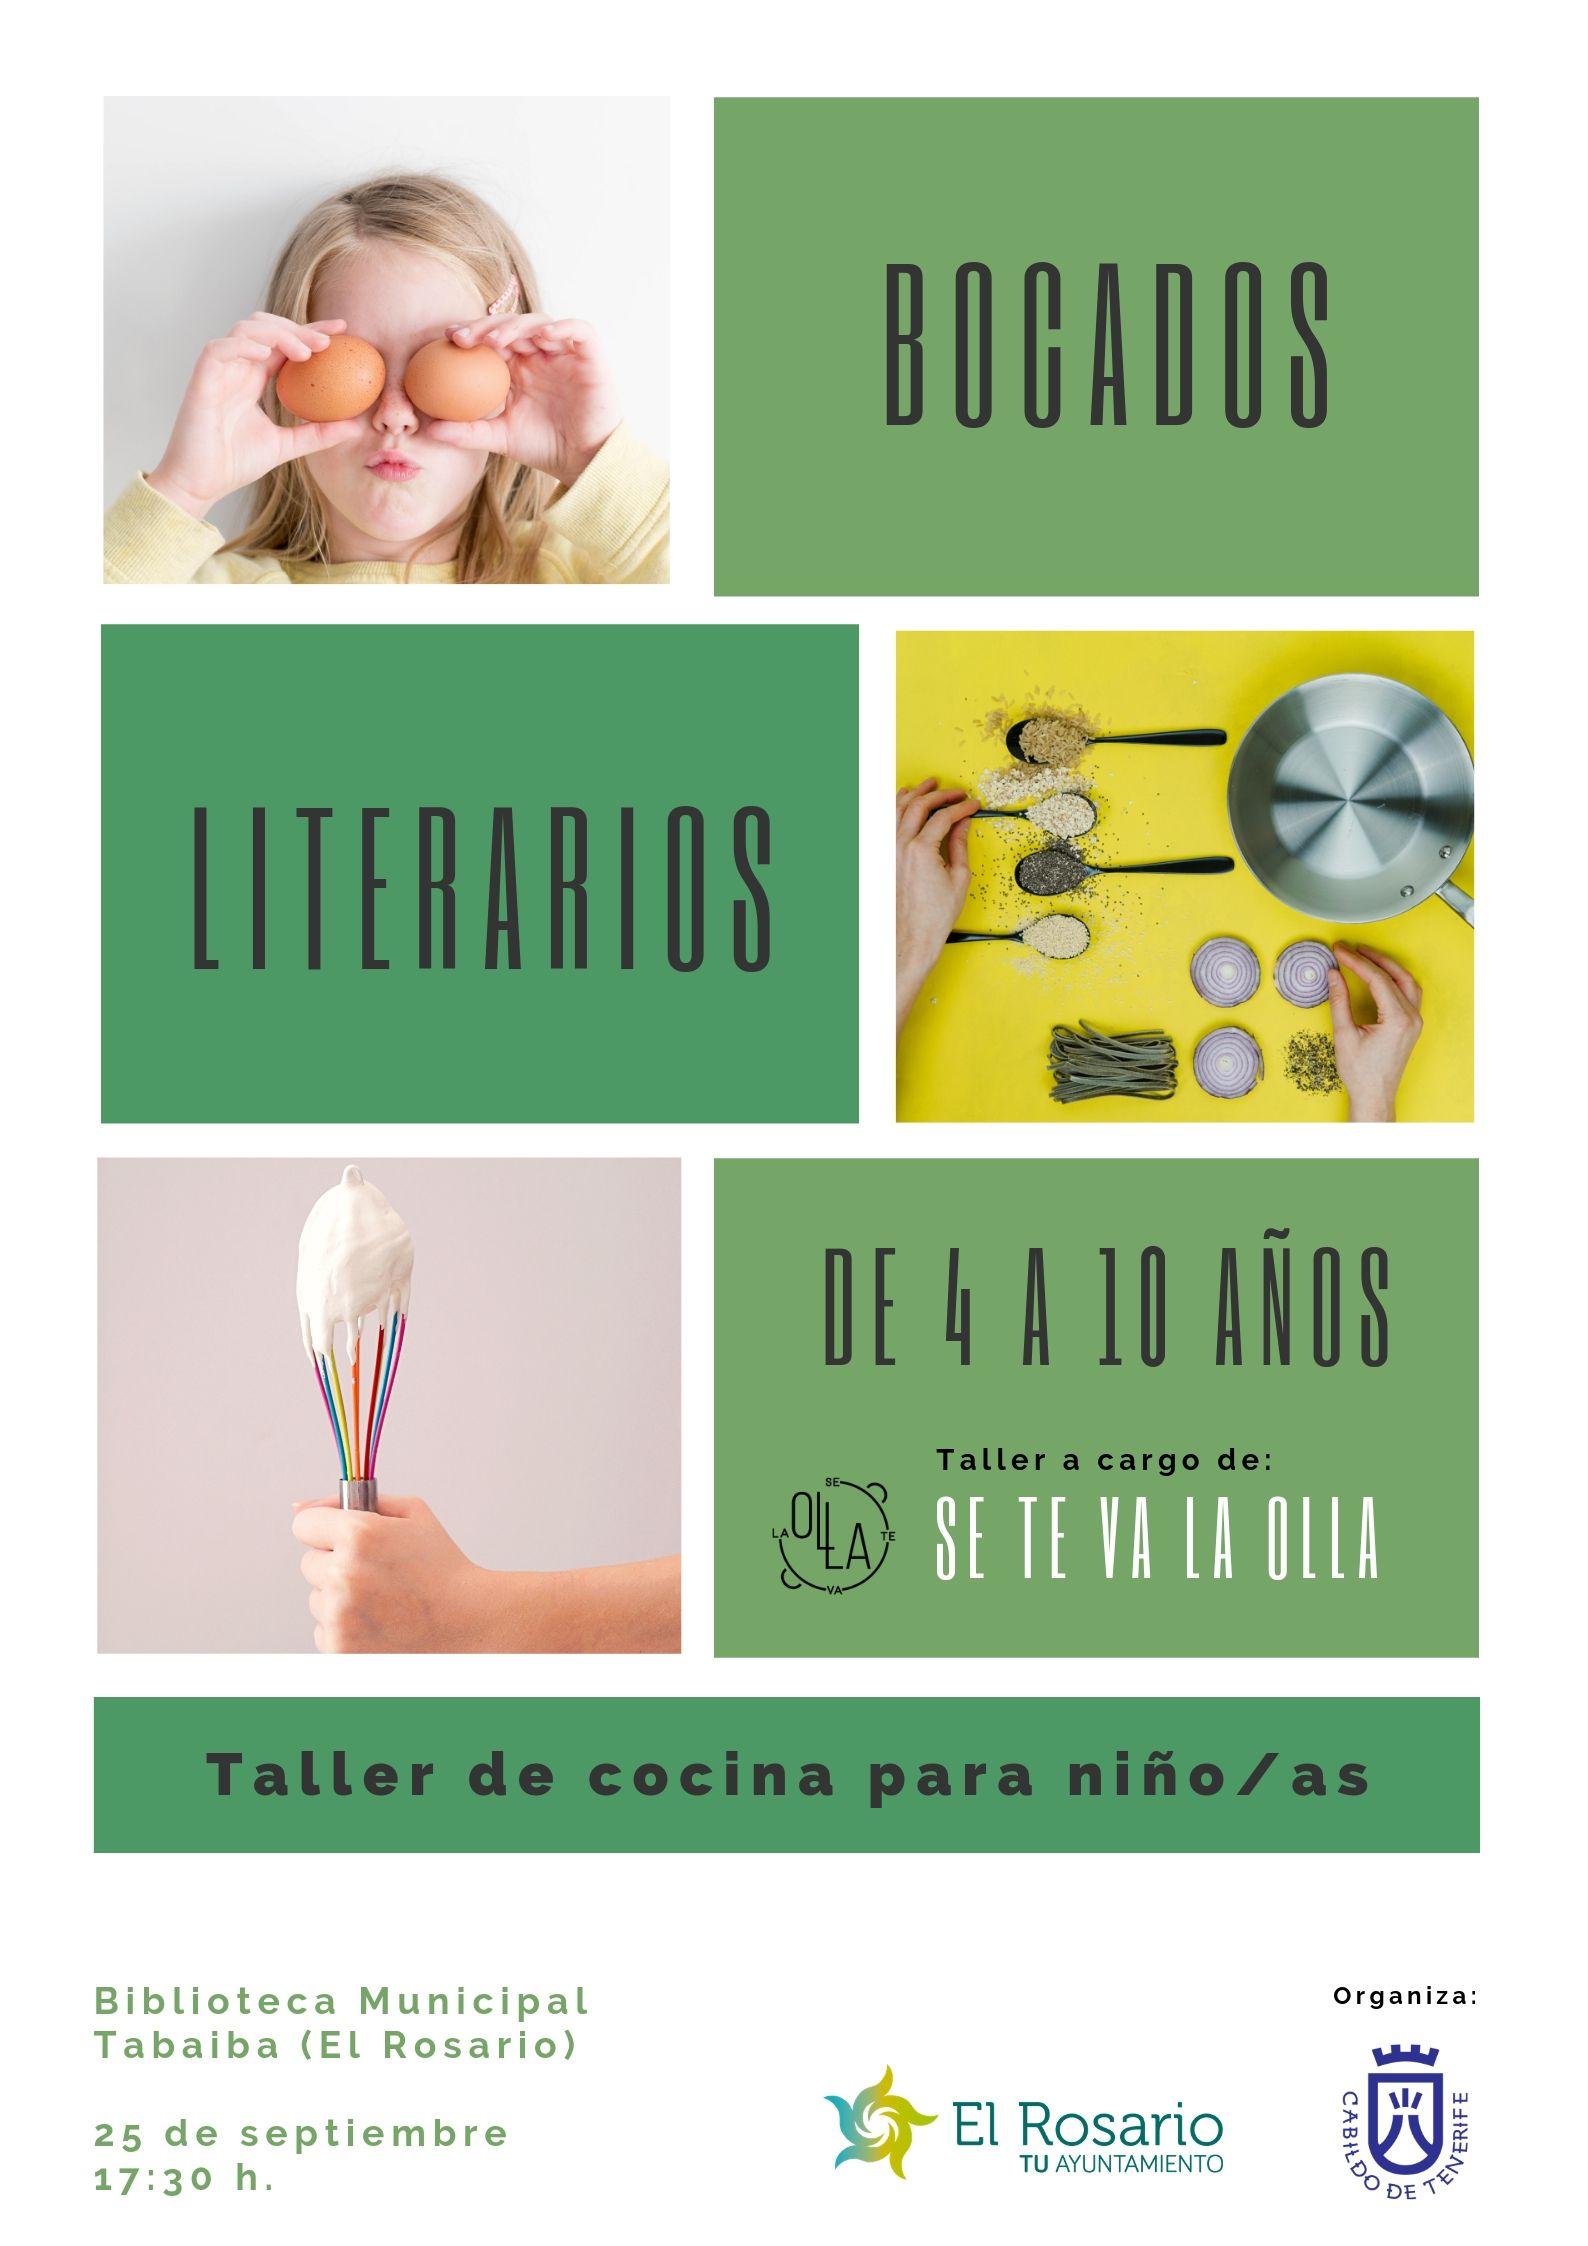 Cartel Bocados literarios_Tabaiba